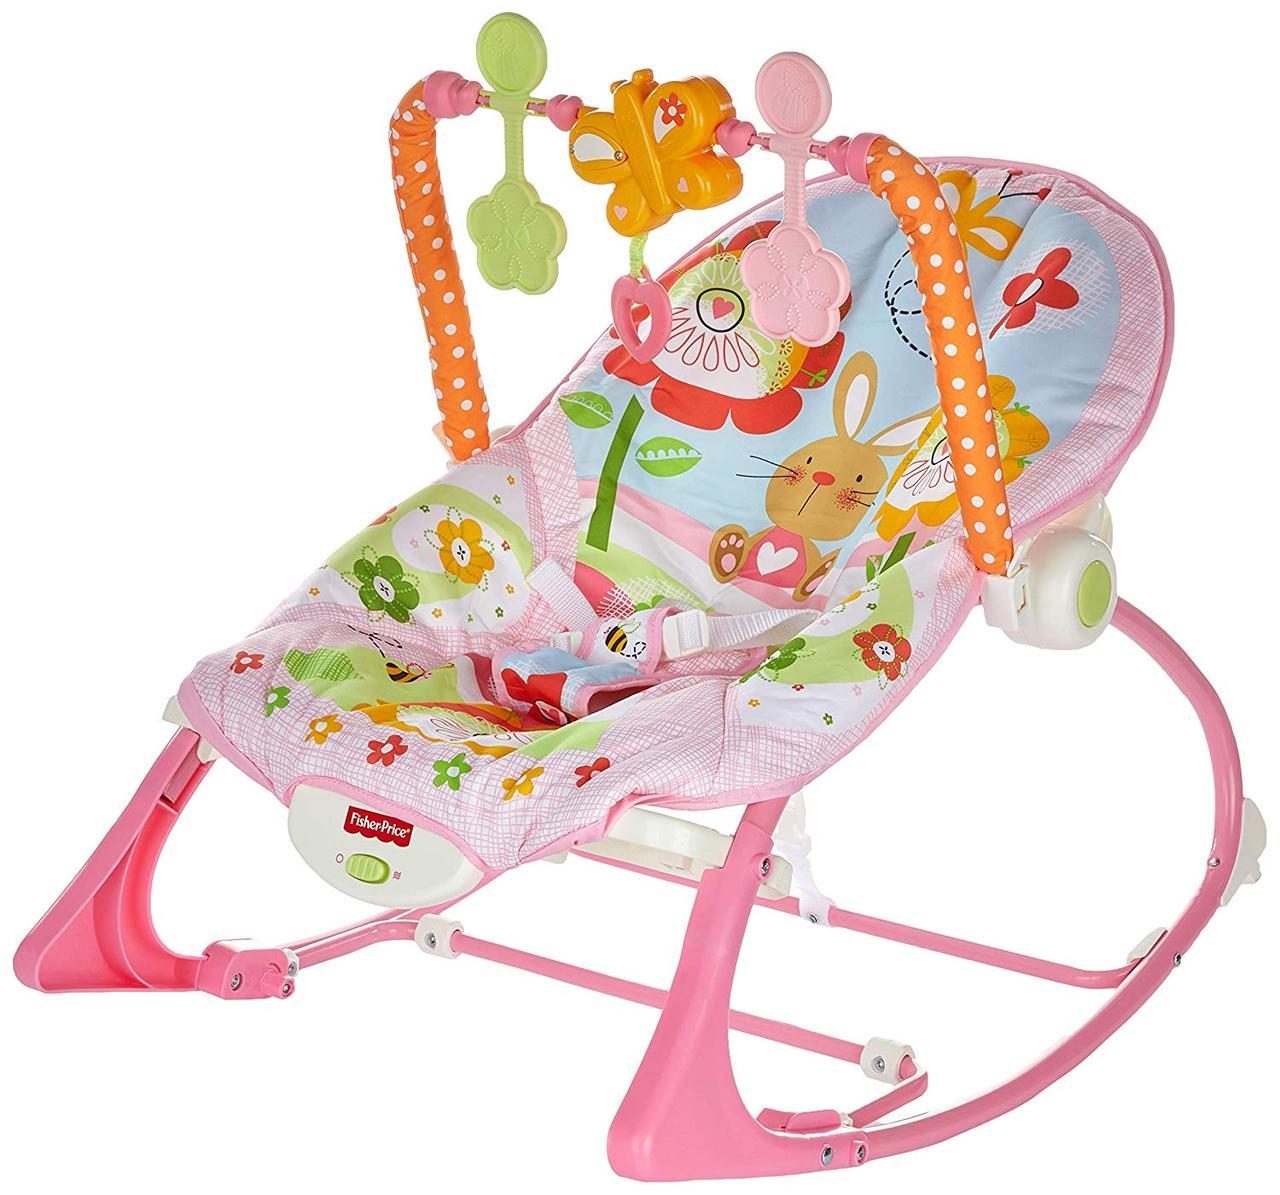 Массажное кресло качалка Фишер Прайс Банни Fisher Price Bunny